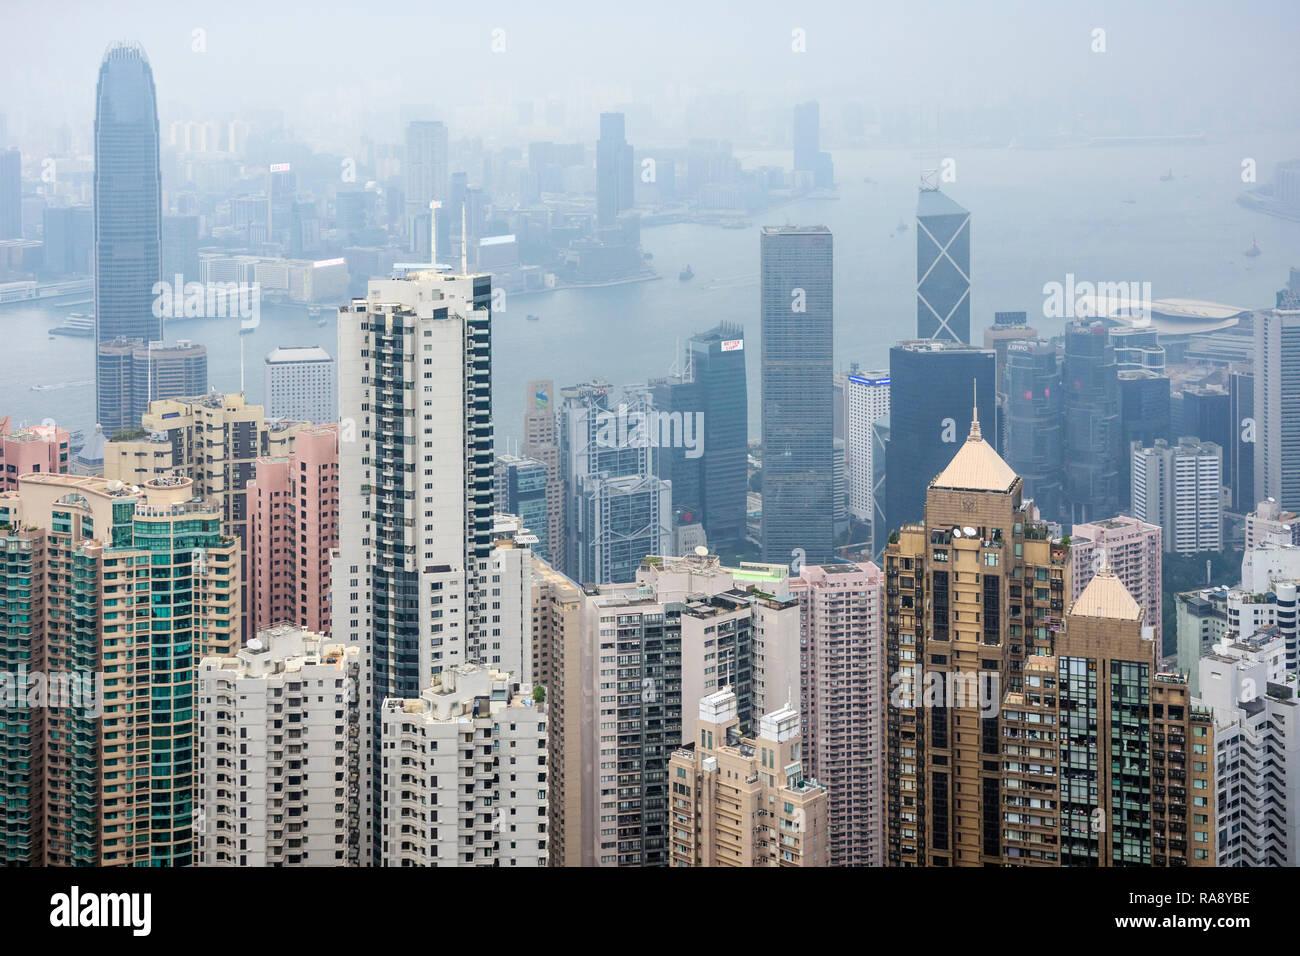 Visualizzazione limitata di Hong Kong a causa di foschia da inquinamento atmosferico Immagini Stock